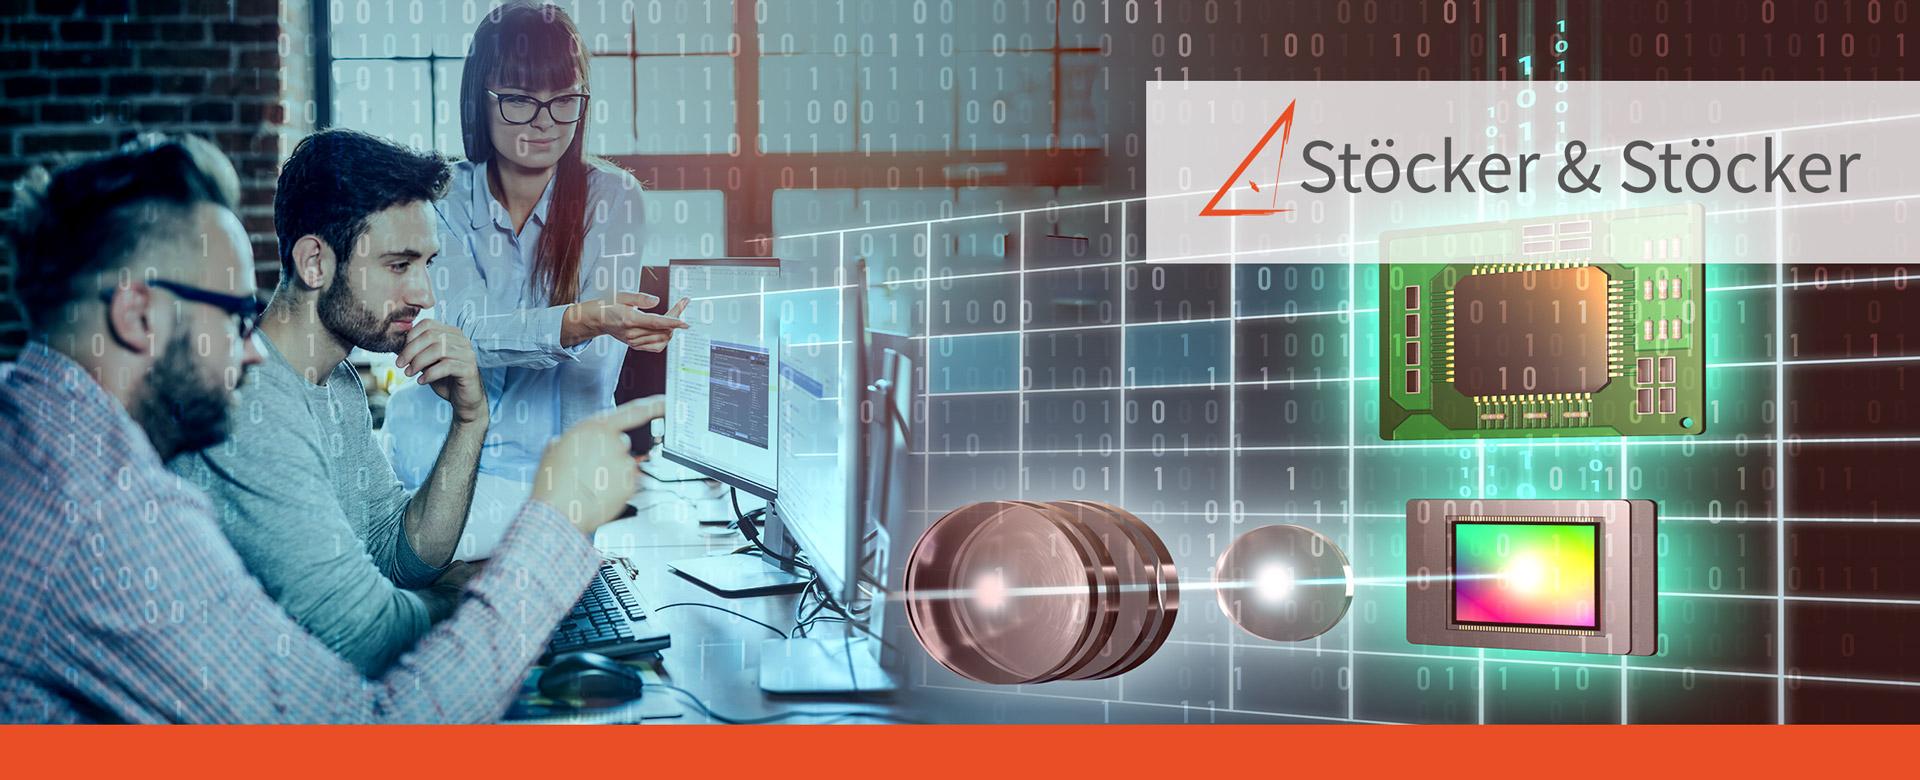 Embedded Softwareentwickler Bildverarbeitung (m/w/d)